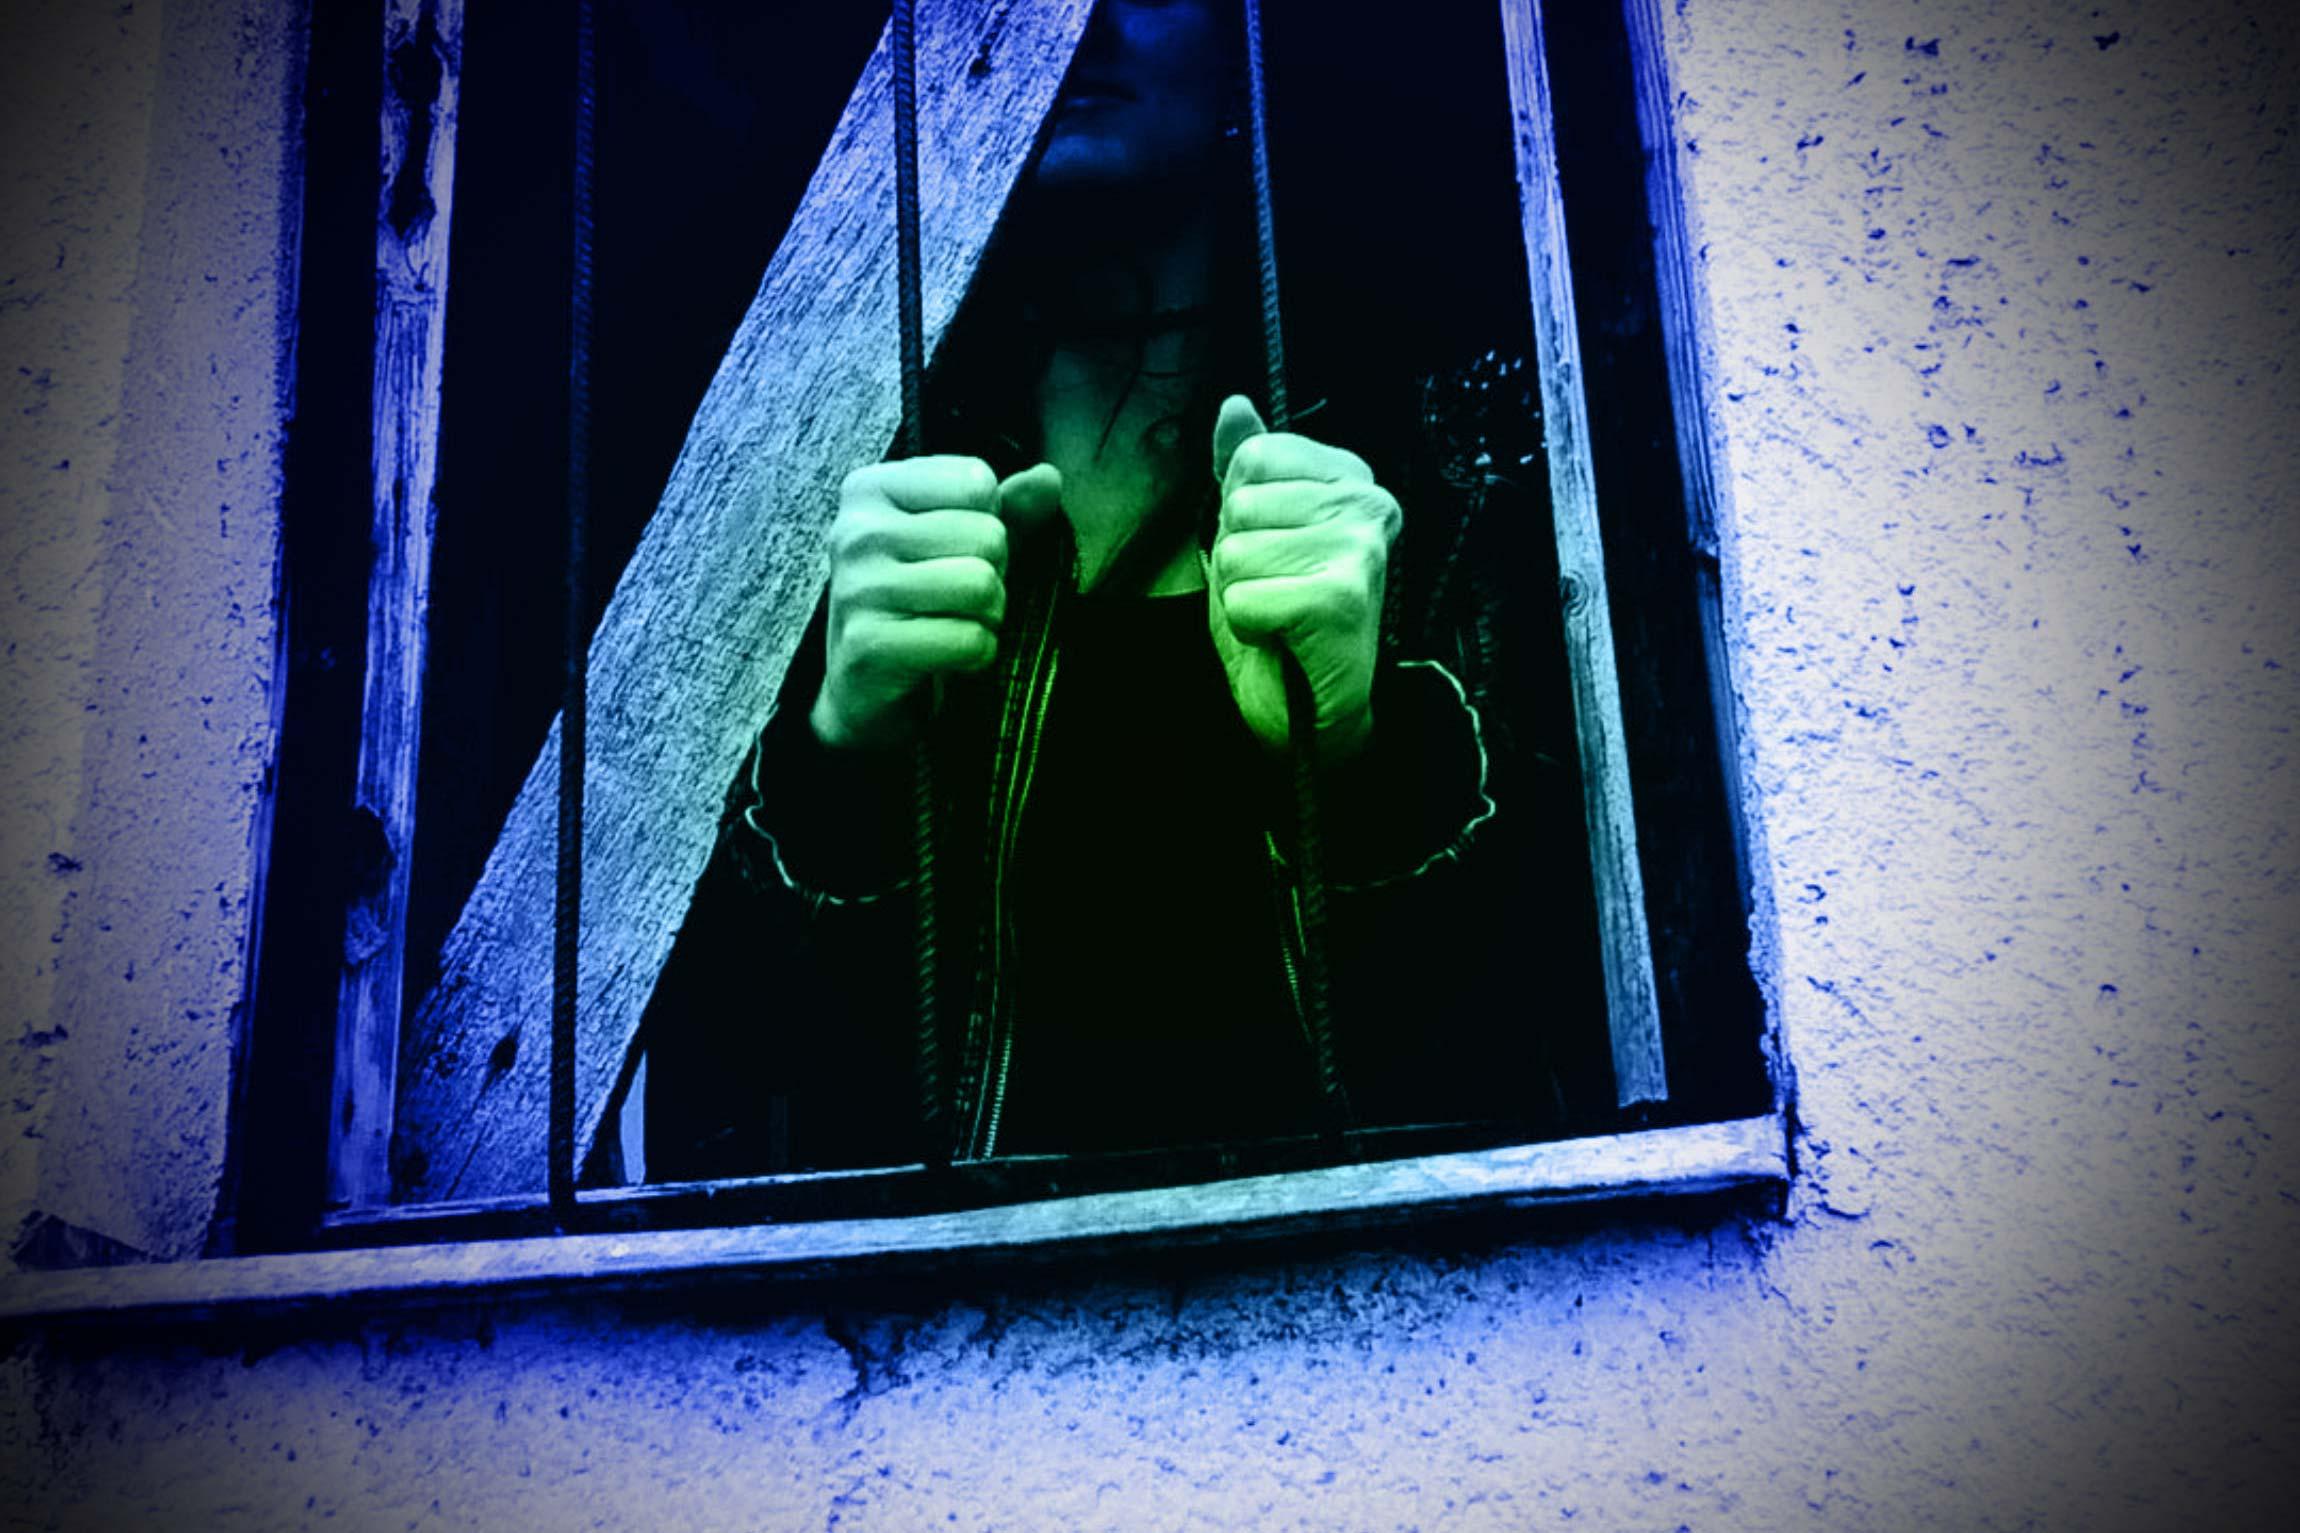 slavery in ukraine 04 - <b>За часи незалежності через рабство пройшли сотні тисяч українців.</b> Заборона розповідає, чому так відбувається - Заборона